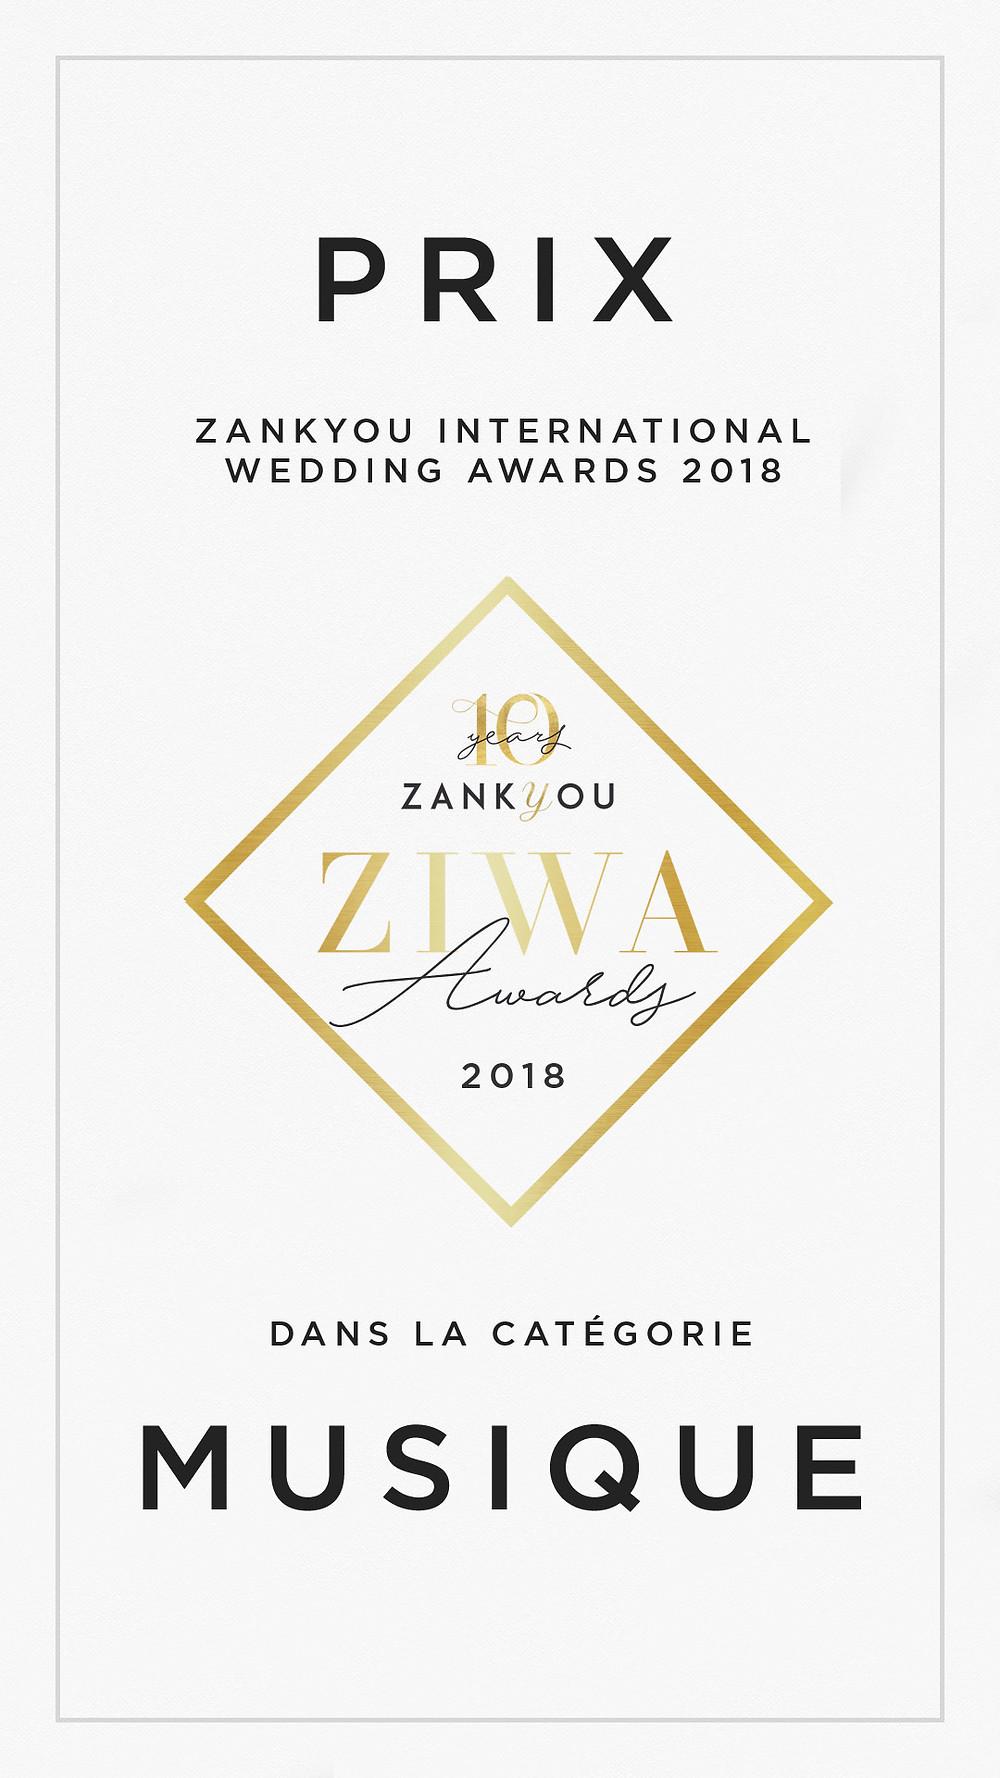 Après une saison riche en évènements haut de gamme, j'ai le plaisir d'être élu par Zankyou, parmis les meilleurs prestataires dj de France.